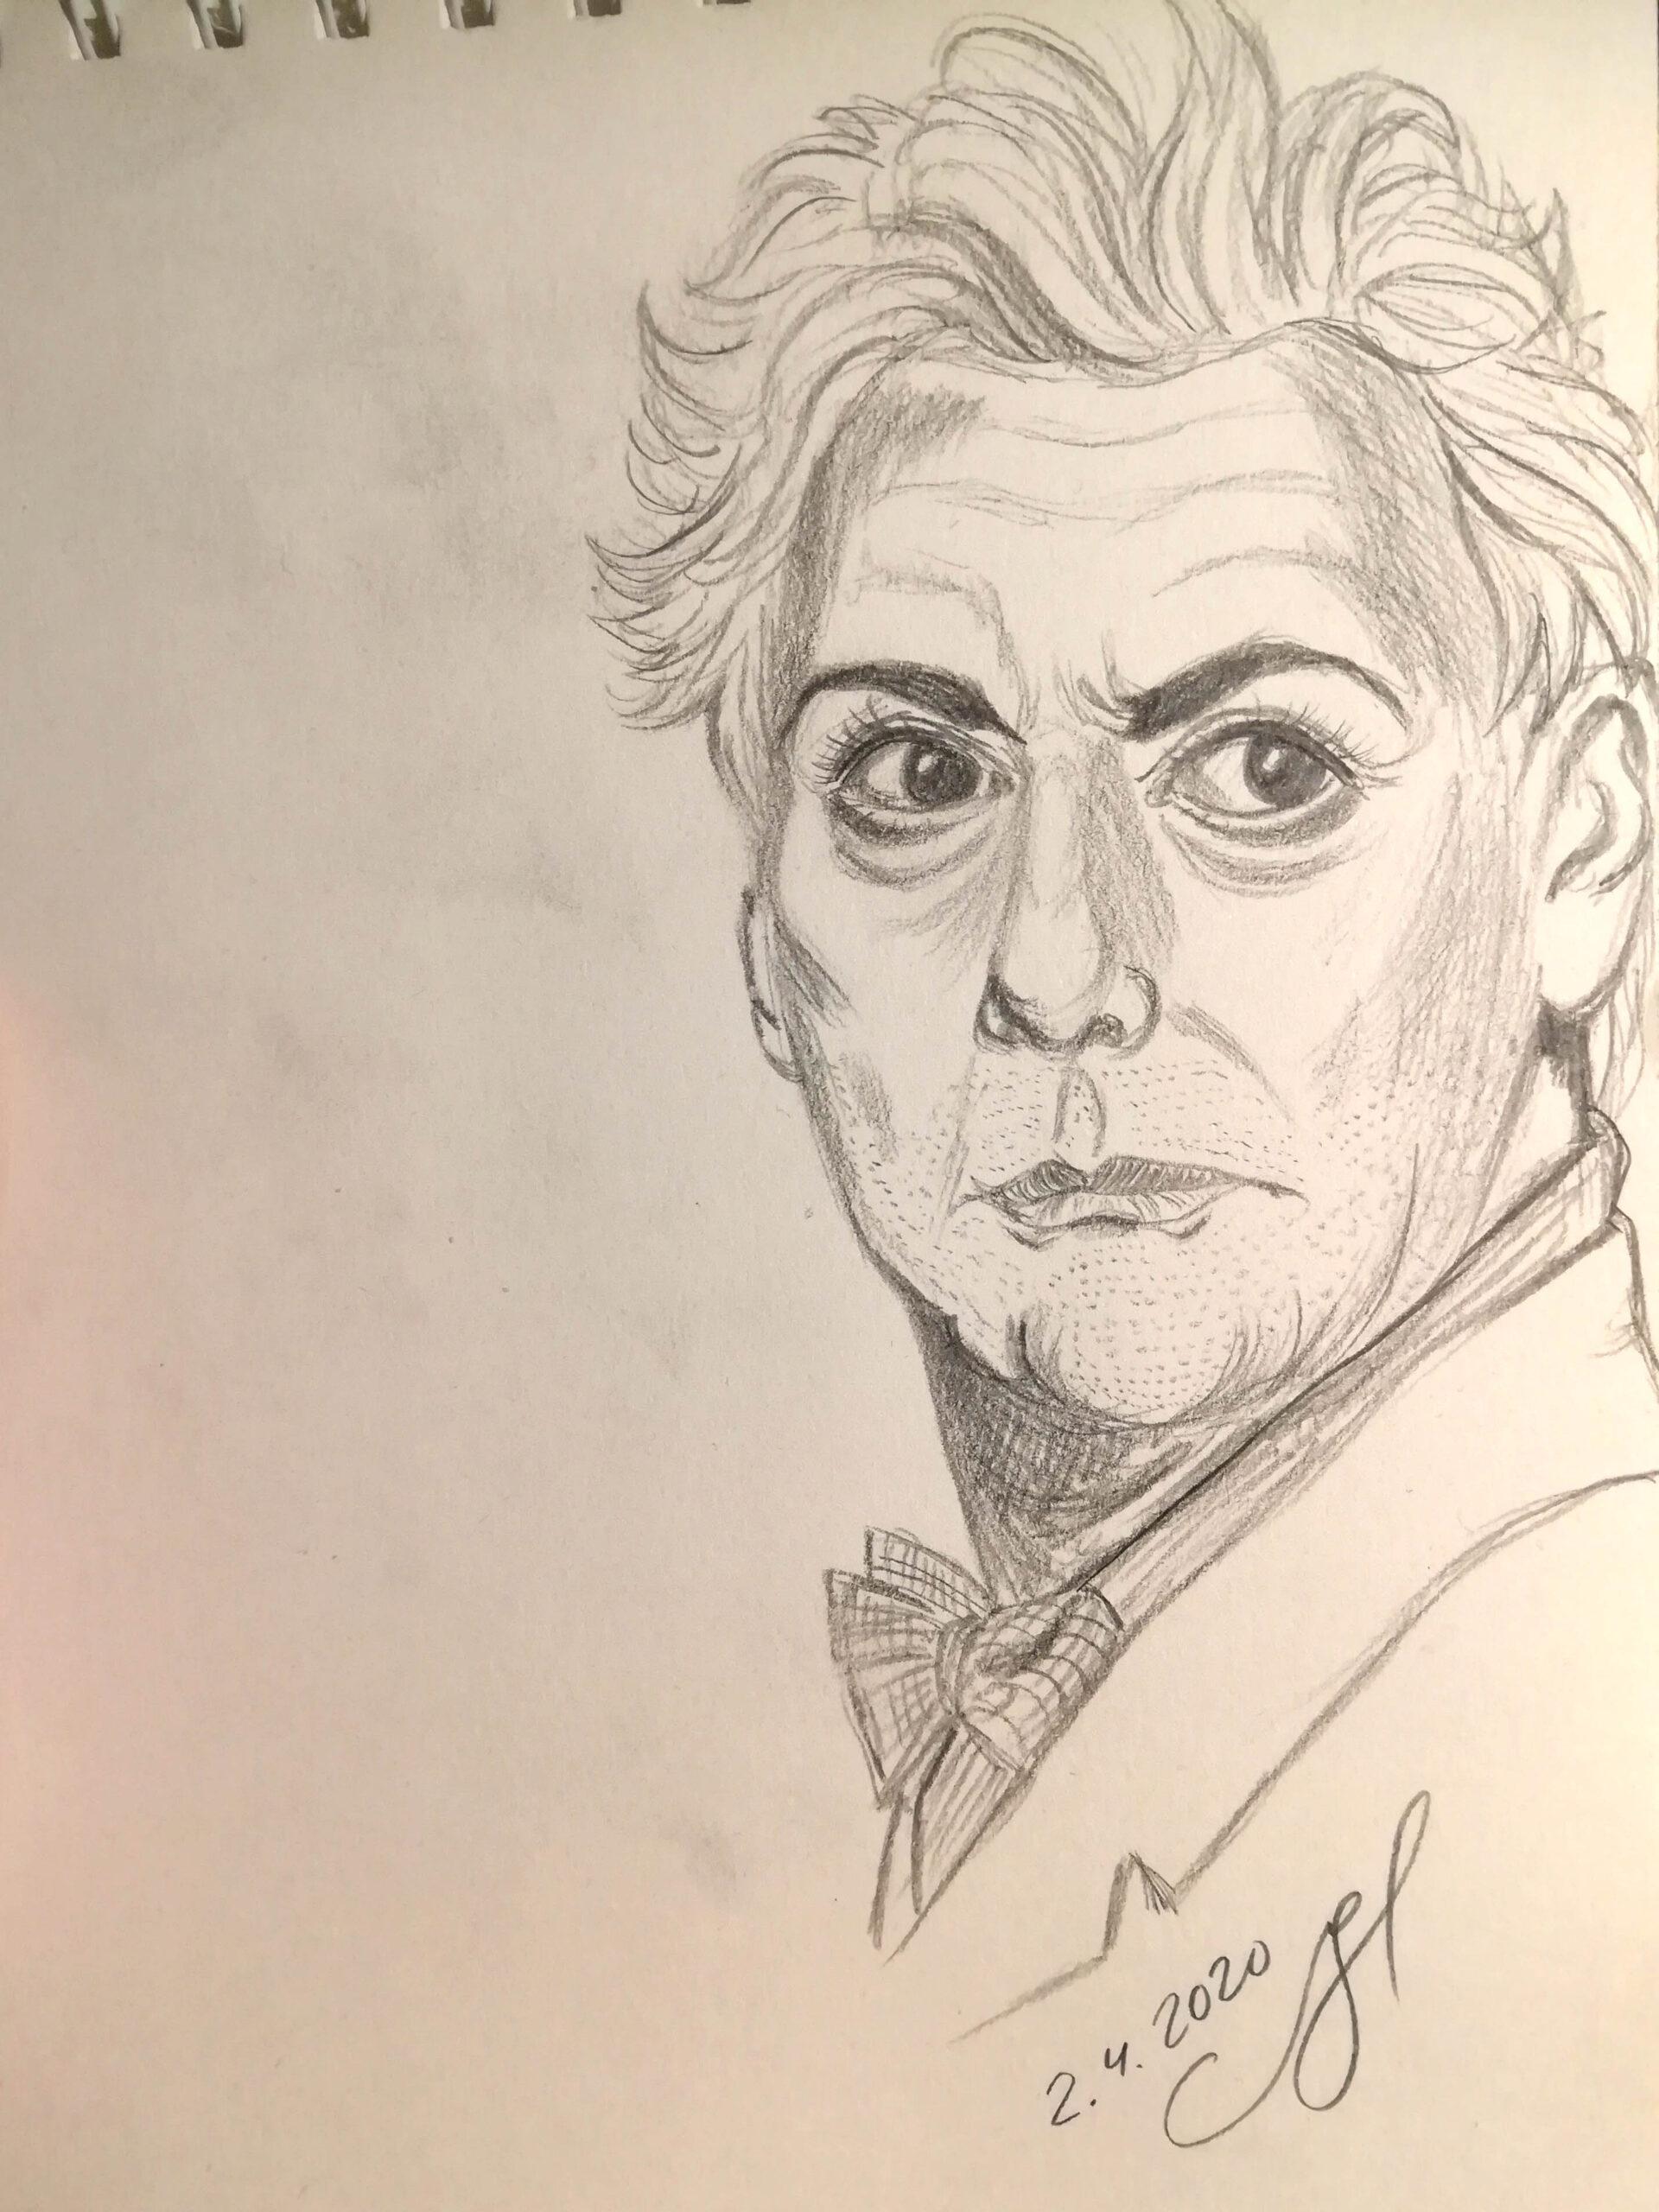 Lyijykynäpiirros miehen kasvoista. Mies tuijottaa oikealle ulos kuvasta. Hänellä on uurteiset kasvot, parransänki ja vakava ilme.